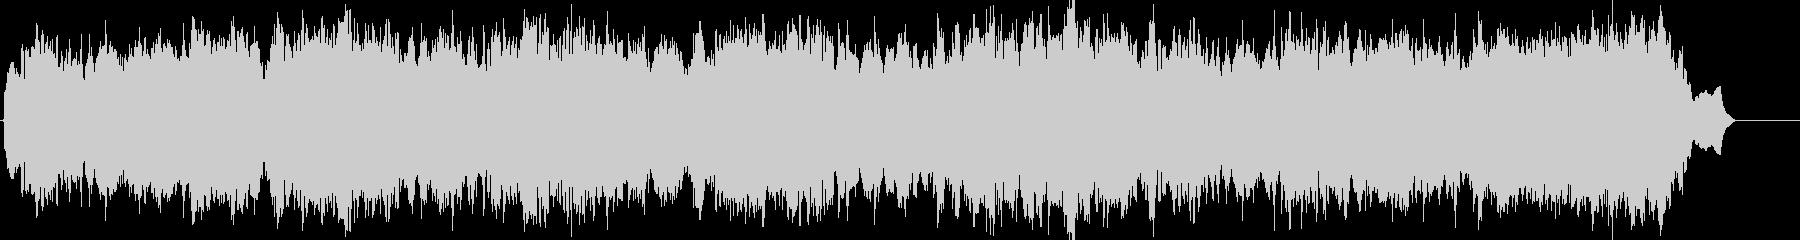 旋律が美しいバッハのコラール・カノンの未再生の波形